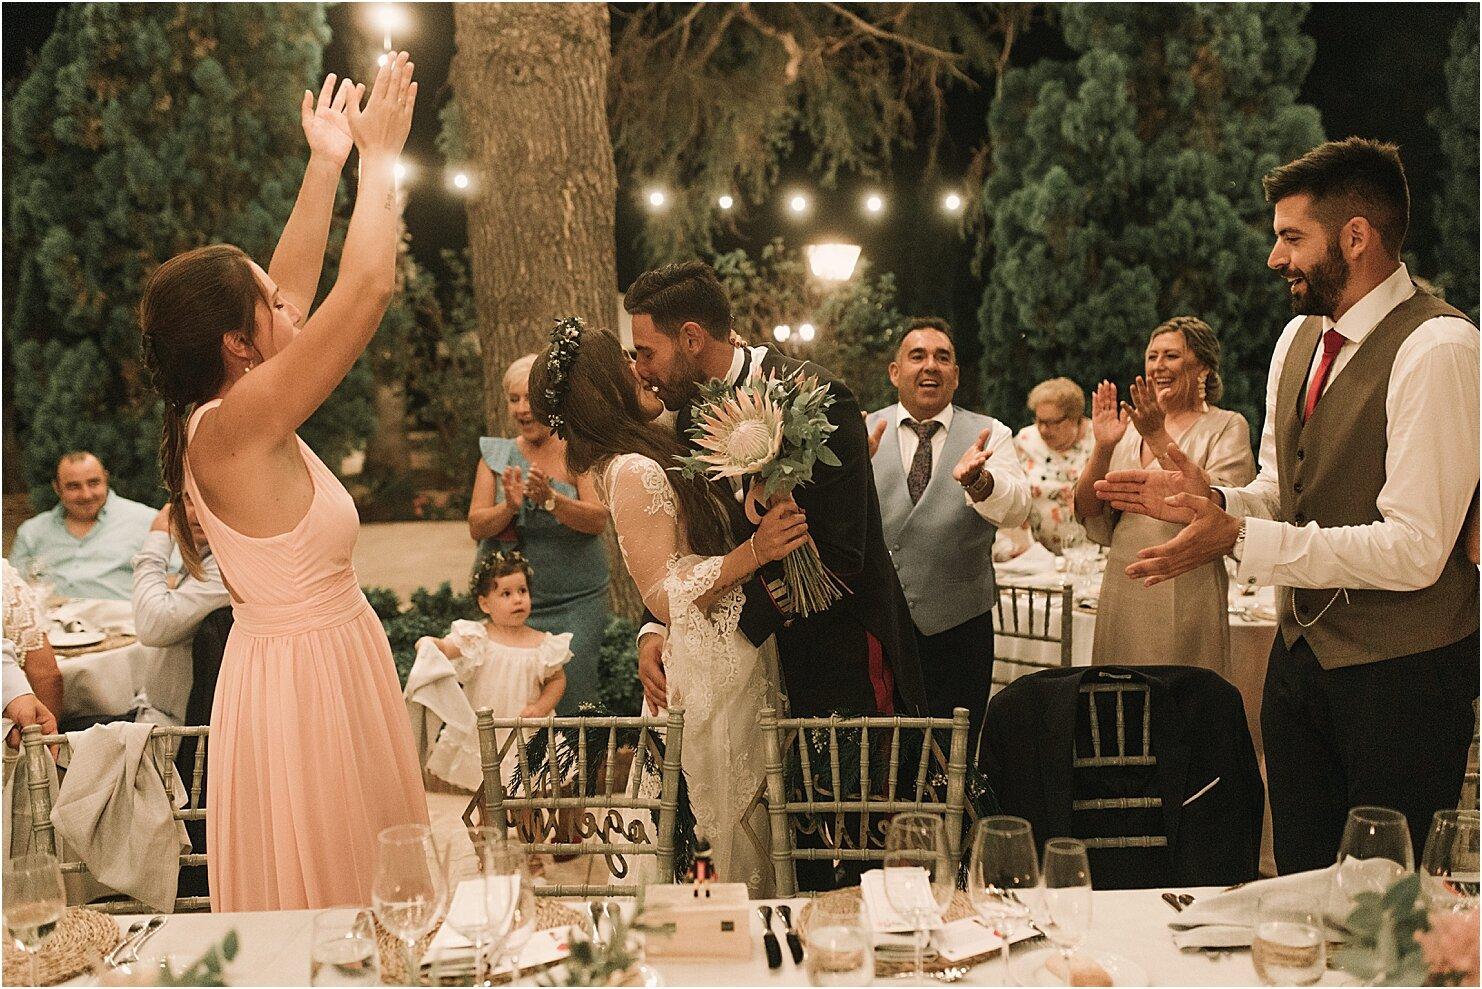 boda-romantica-boda-boho-vestido-de-novia-laura-lomas76.jpg